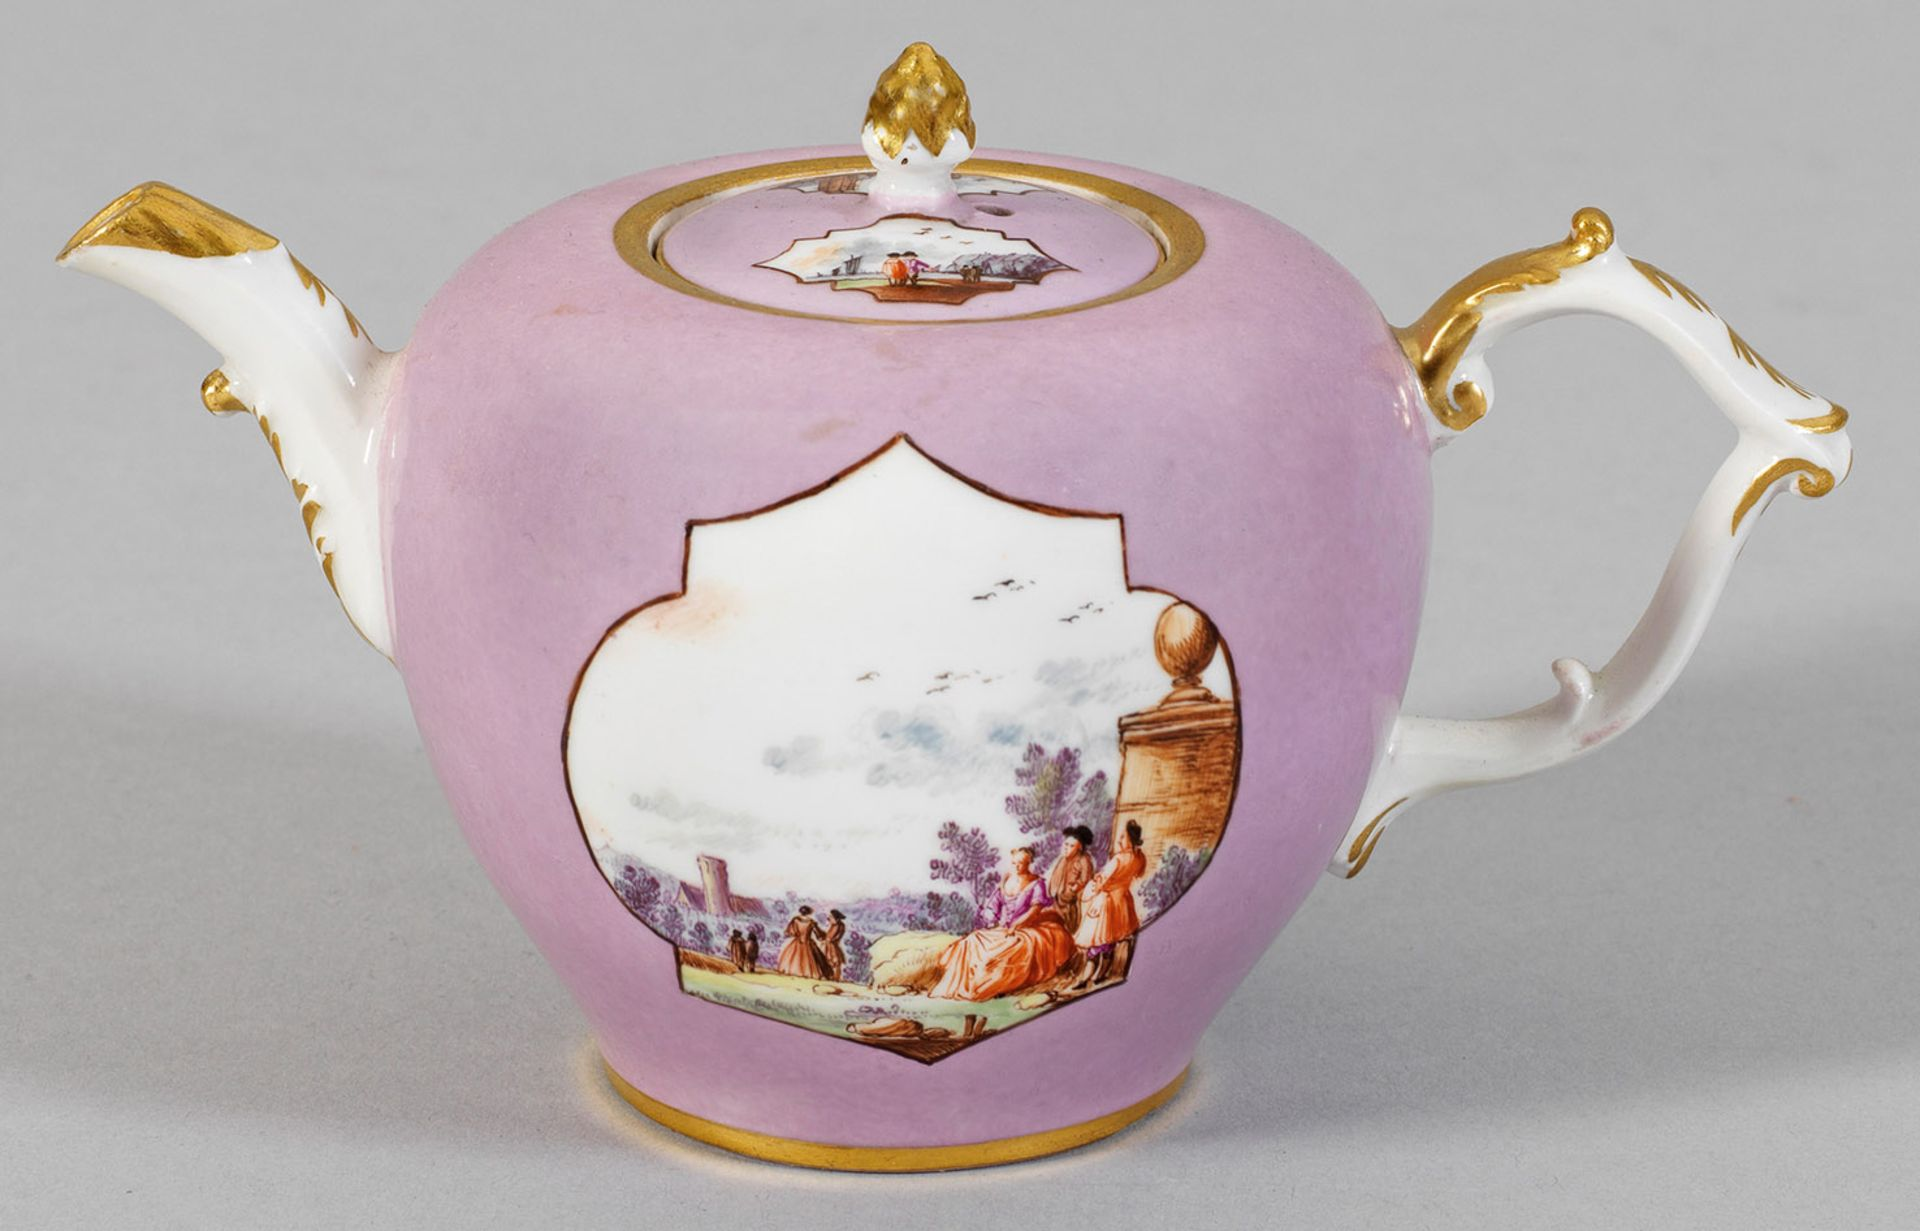 Kleine Teekanne mit seltenem lavendelfarbenem Fond - Bild 2 aus 2